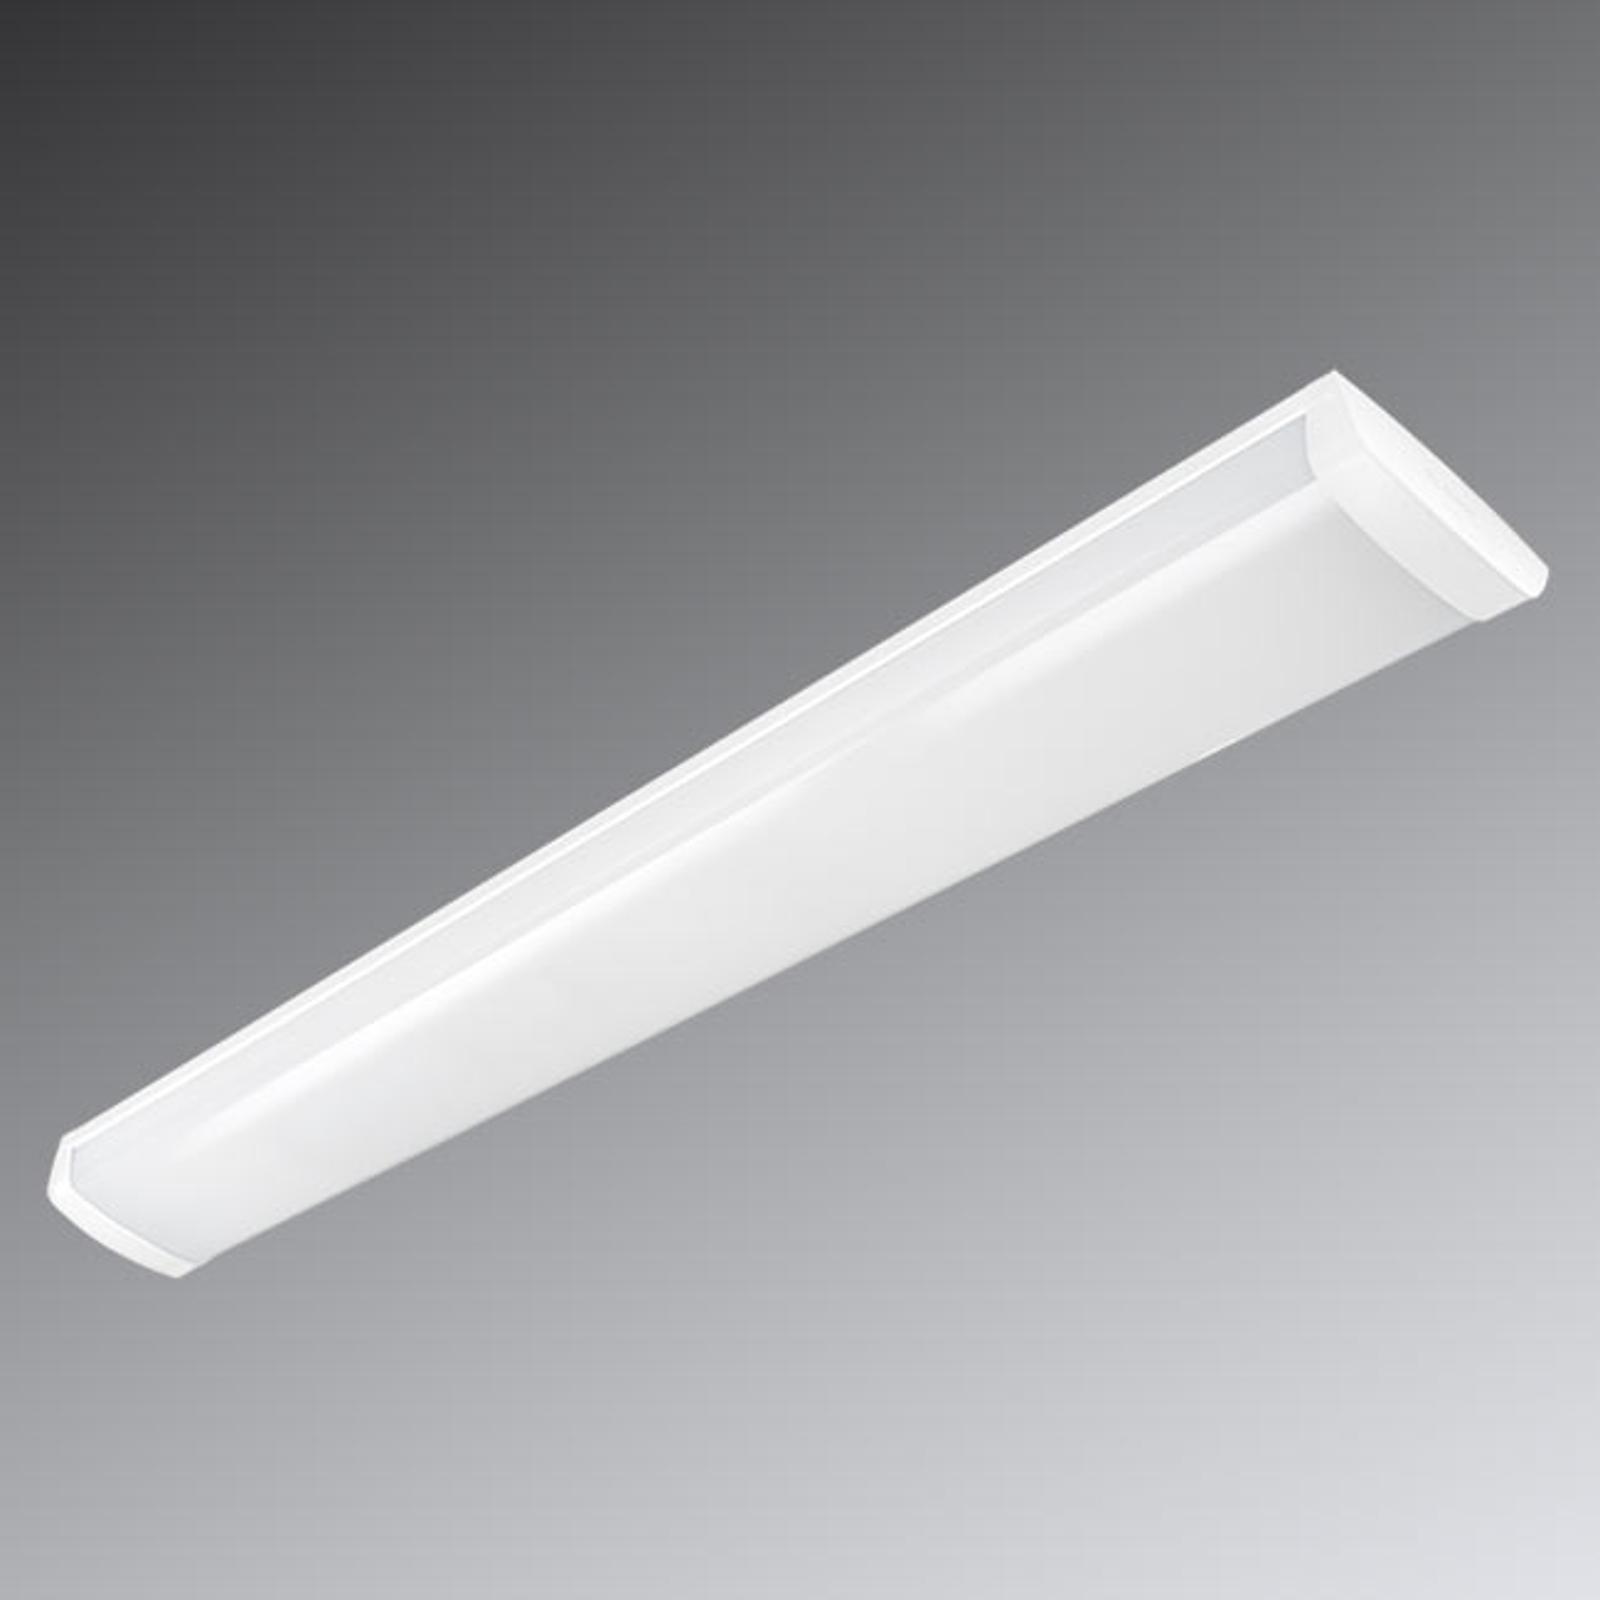 Lange LED-Deckenleuchte i60-1500 6000 HF 3.000K